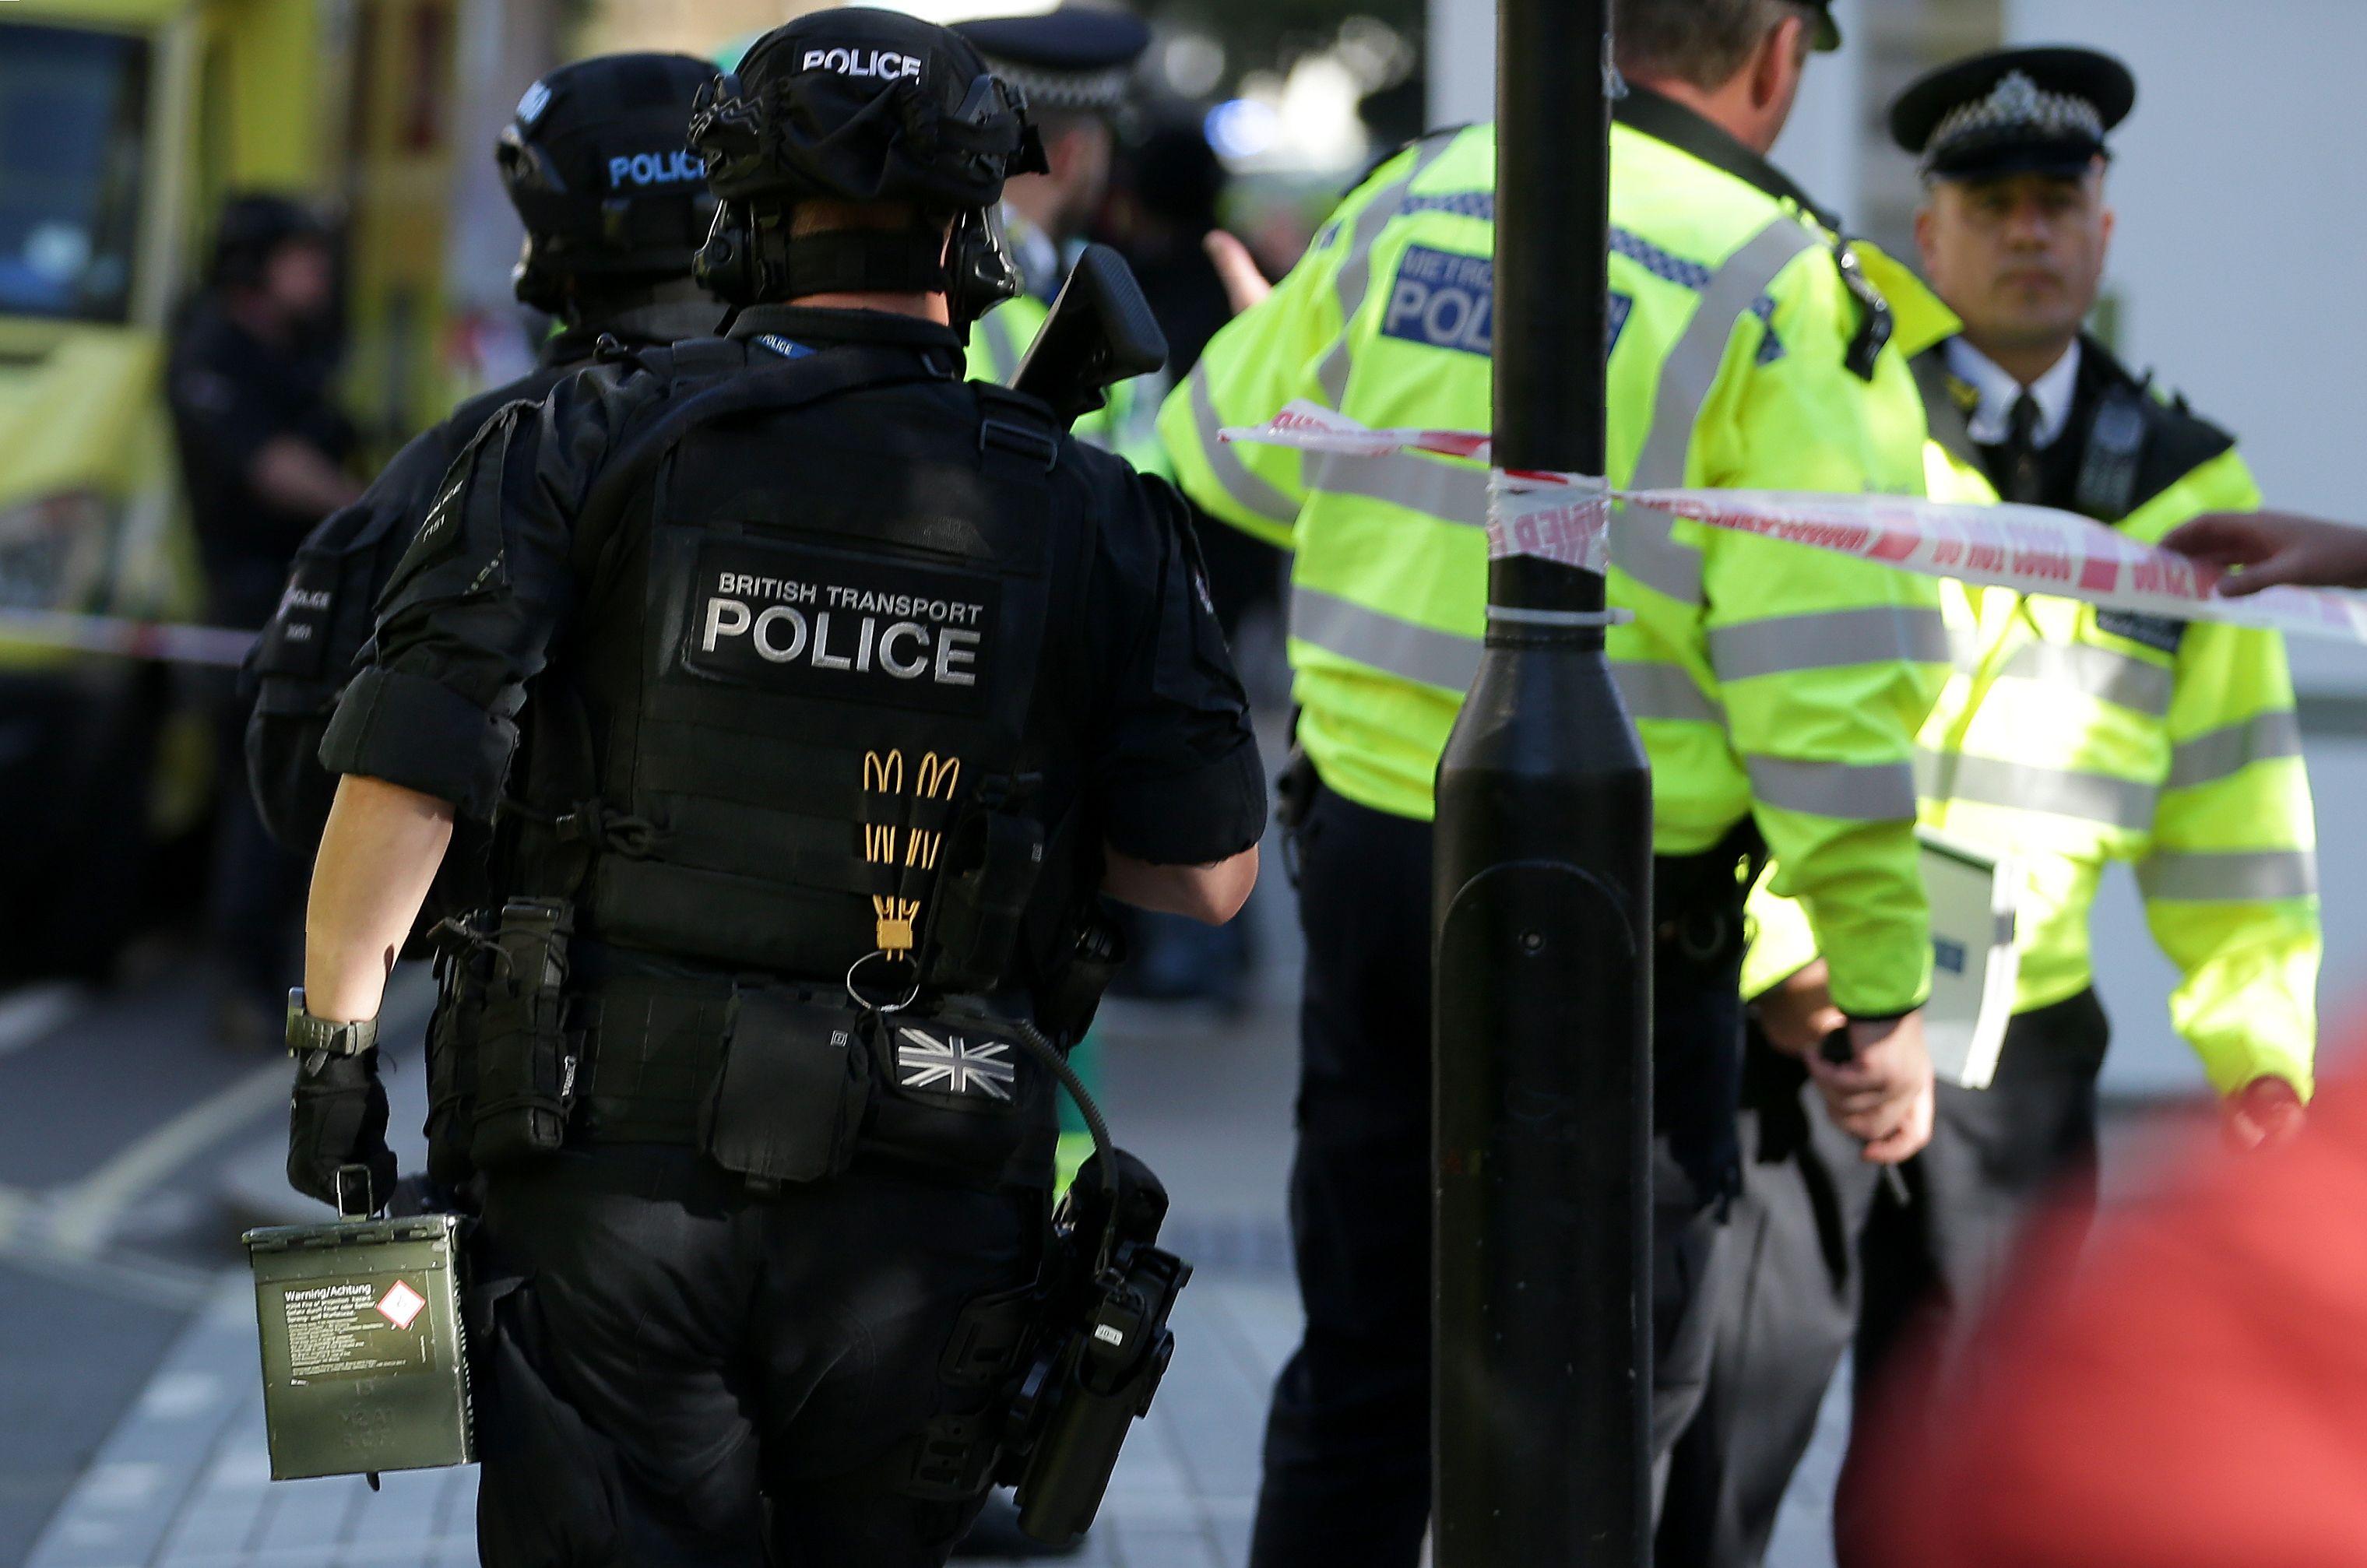 Polícia de Londres trata explosão em metrô como ataque terrorista